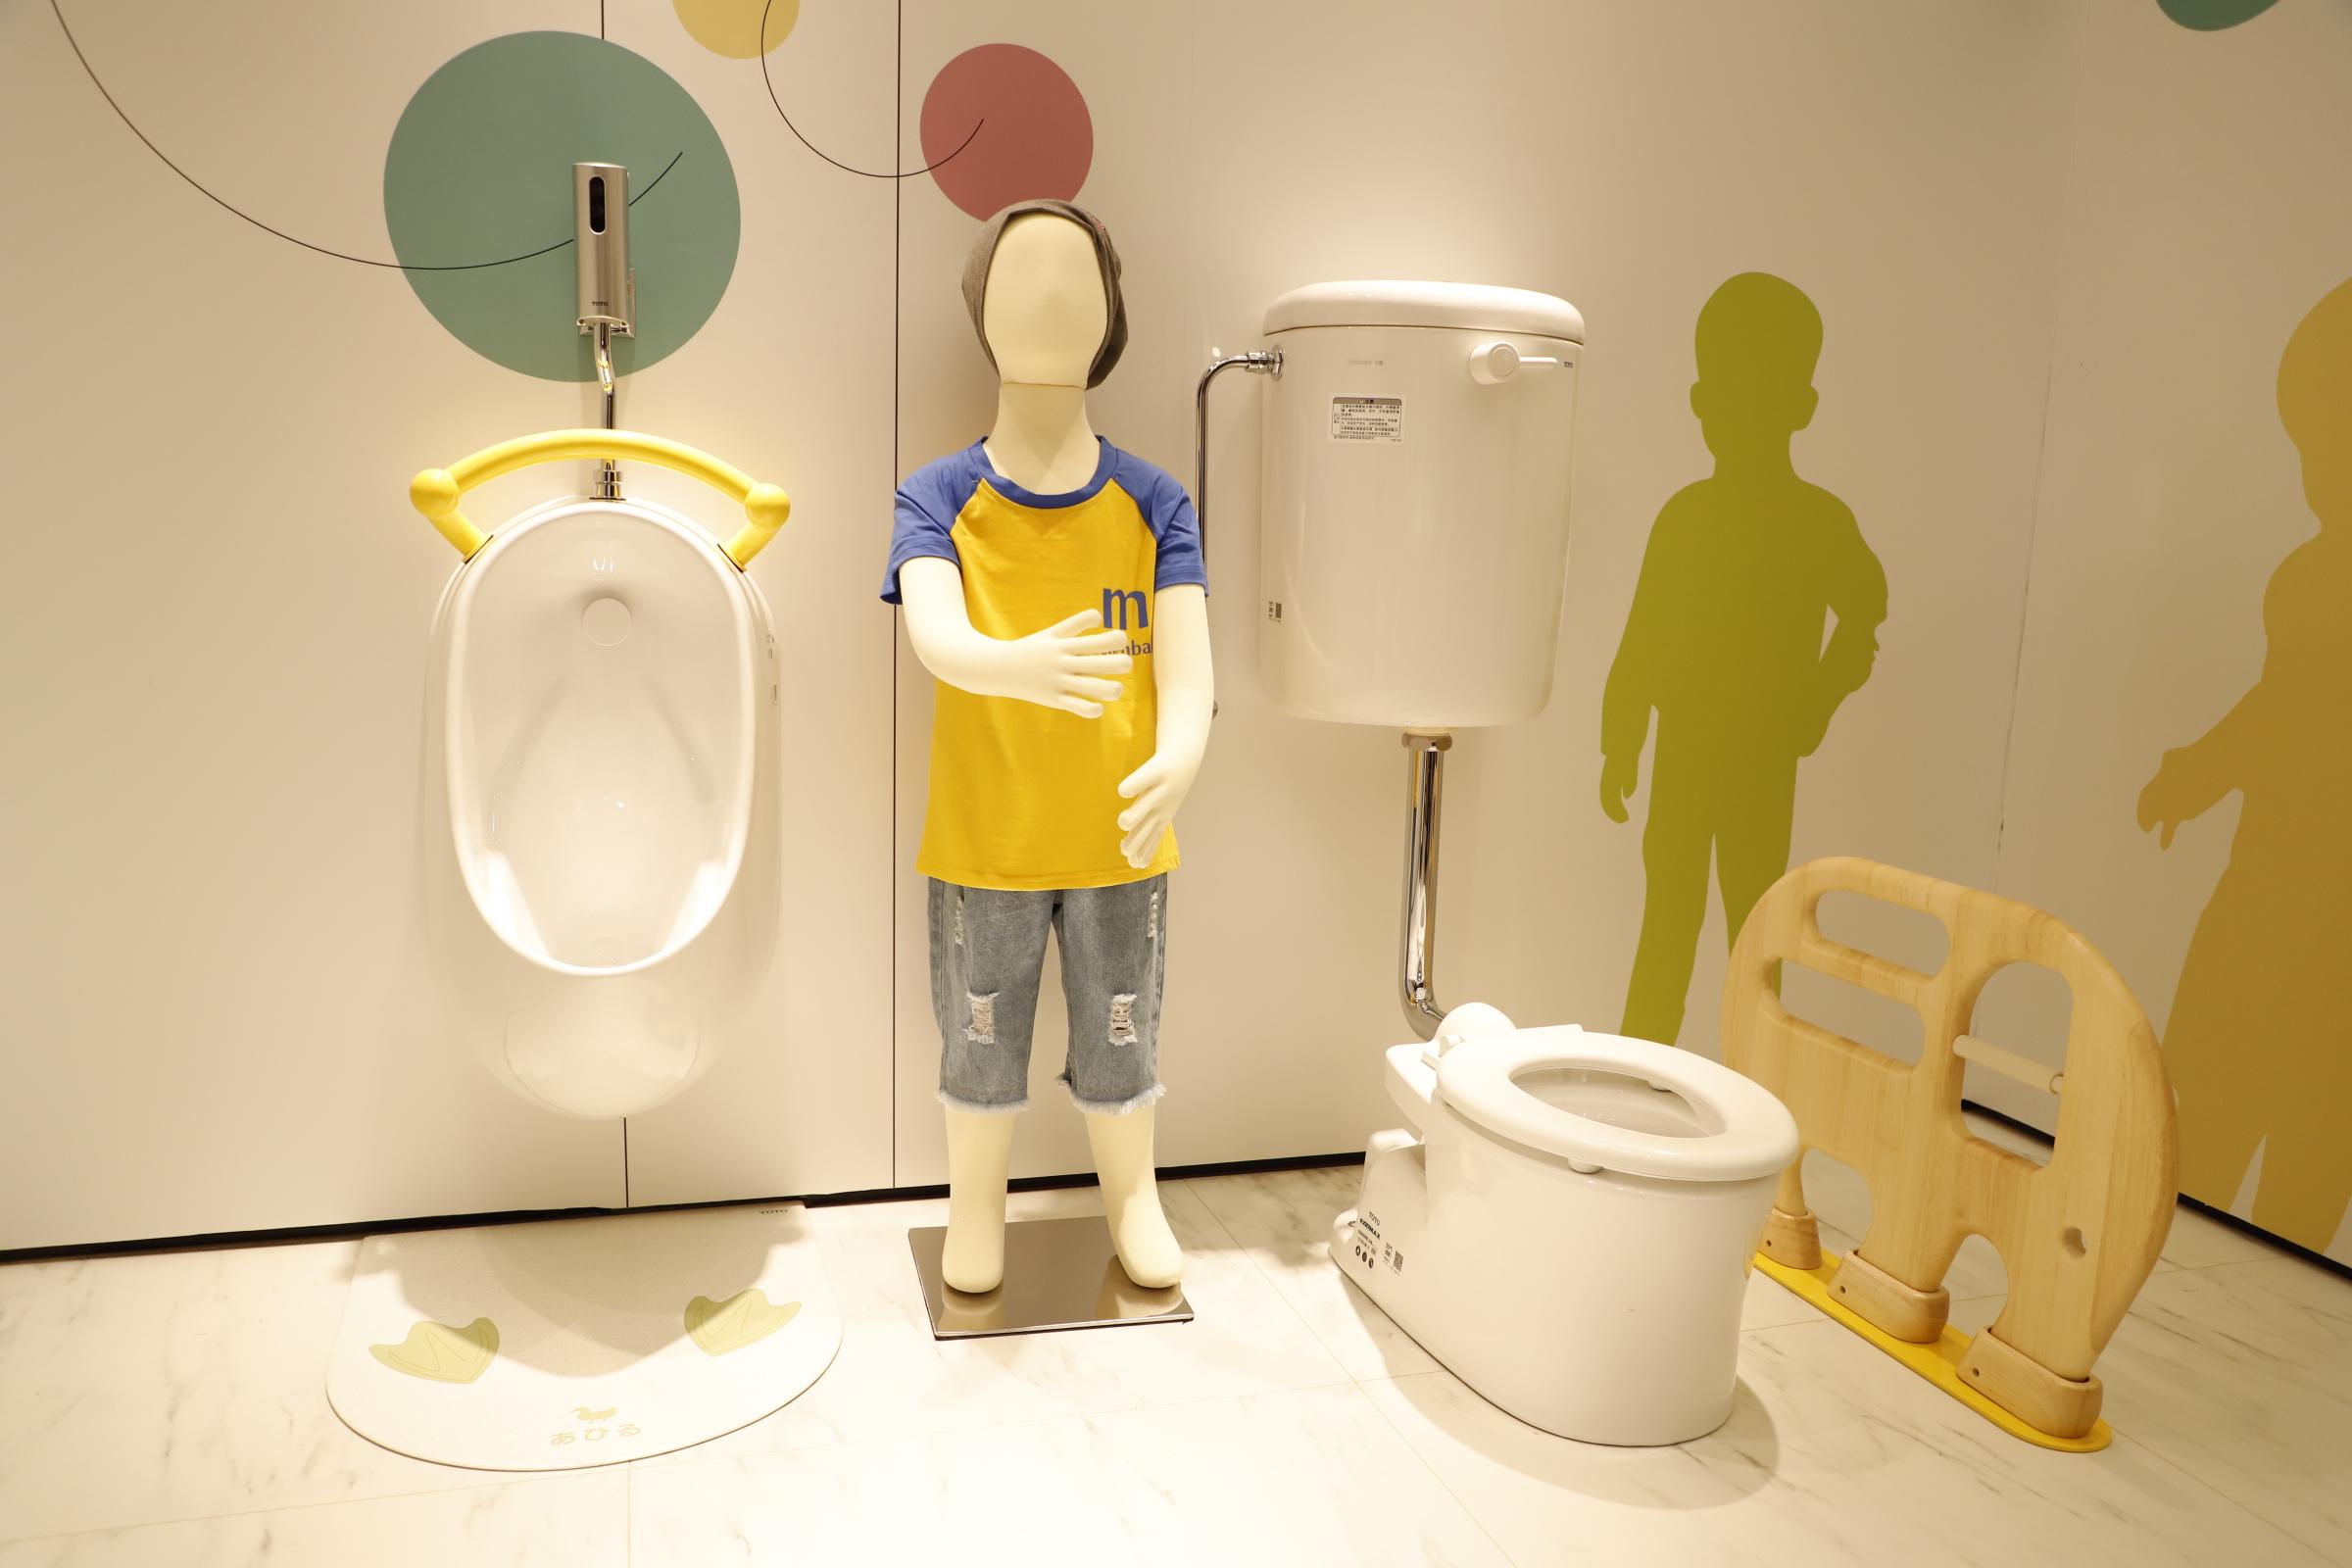 TOTO:兒童衛浴空間,注重各個群體的浴室空間體驗,設計加上動物,花朵,動漫等元素,讓小朋友速度愛上浴室生活